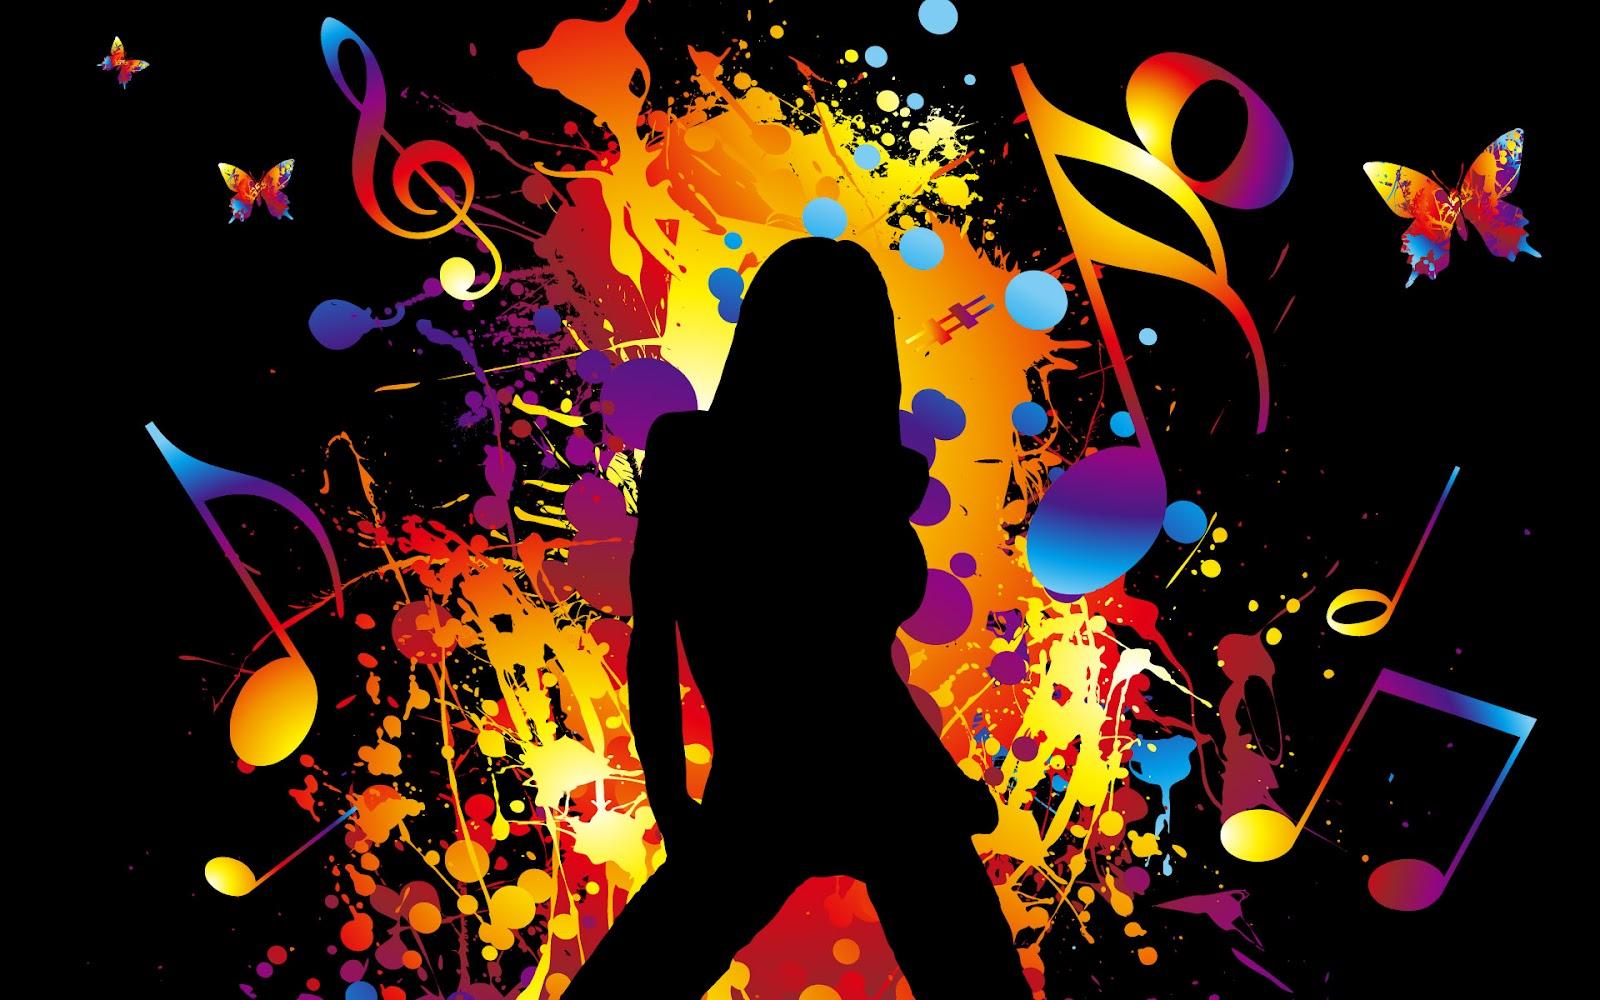 http://2.bp.blogspot.com/-xVZsBtmKZuI/T_7t_VSAMBI/AAAAAAAAAEU/-Z6FKm11DqE/s1600/dark-music-silhouette-woman-hd-Wallpaper.jpg